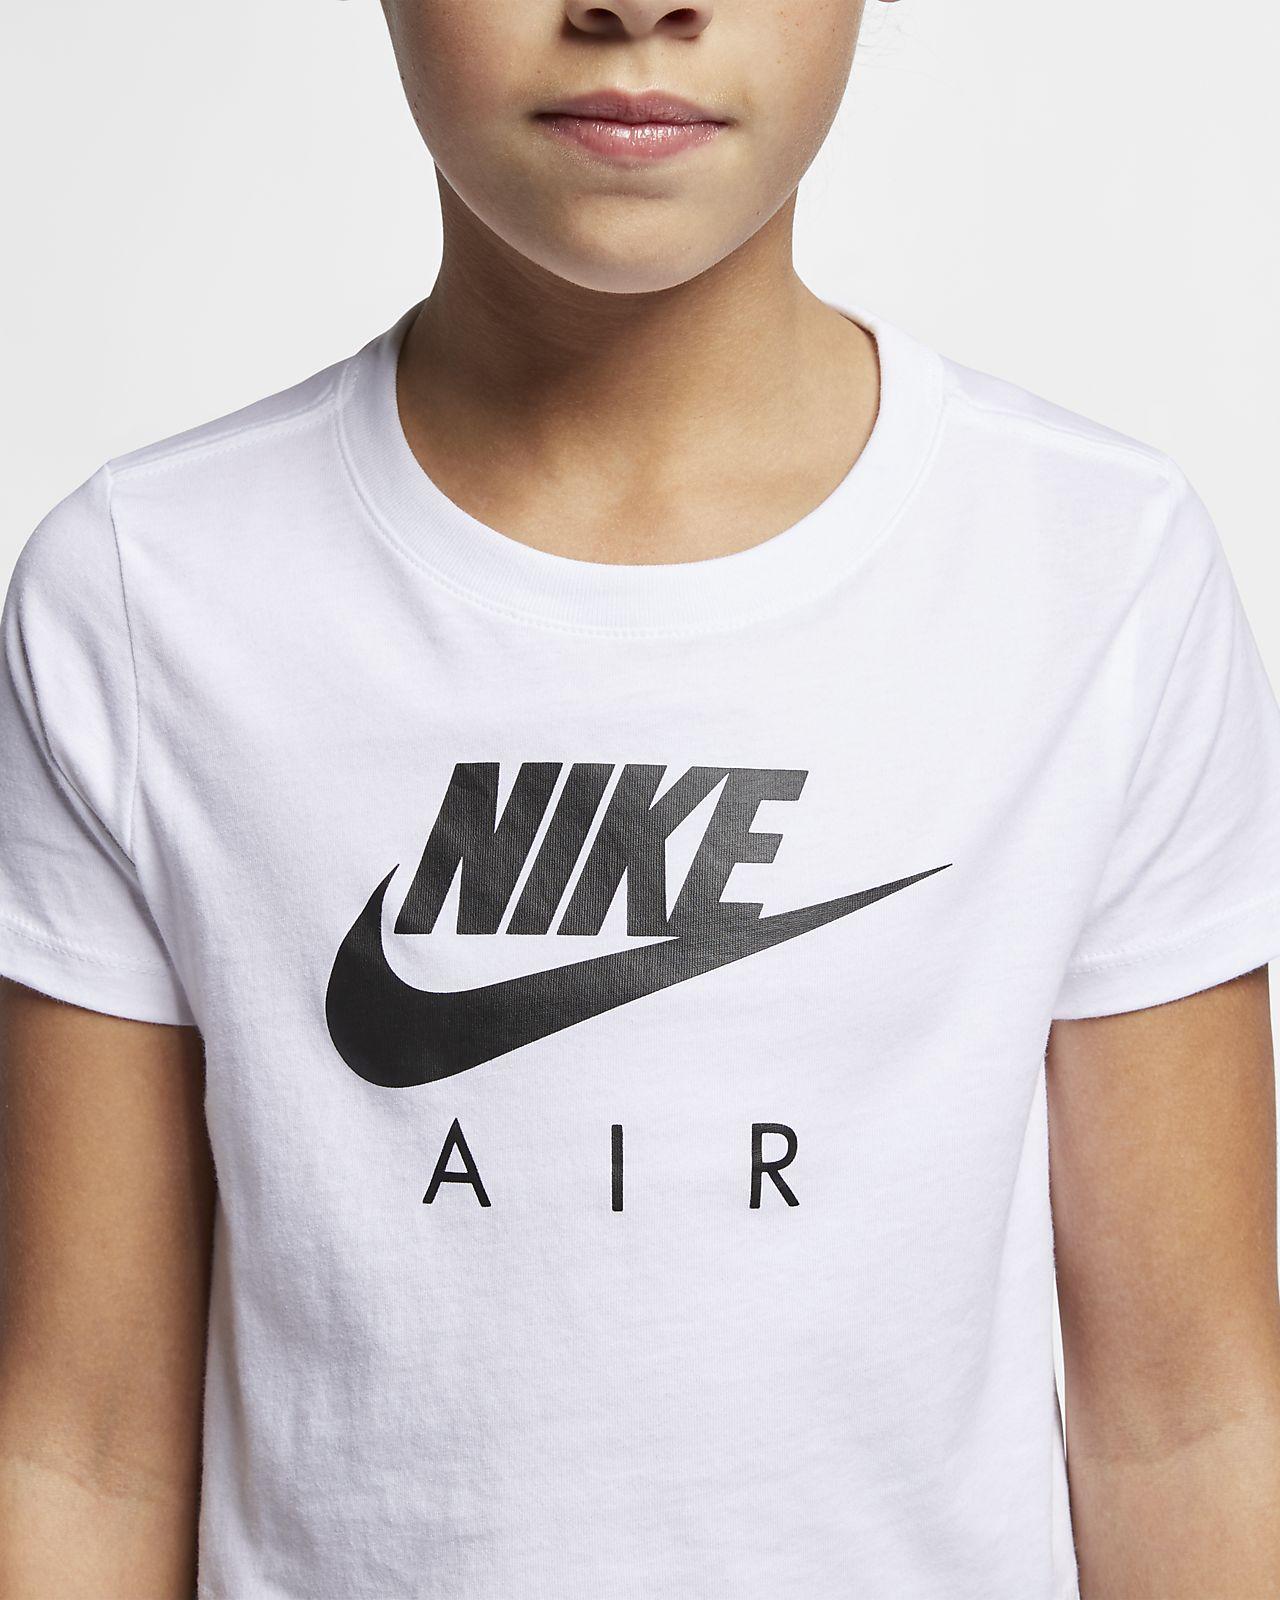 Nike Air Court Haut T Shirt Haut Femmes T Shirt Décontracté